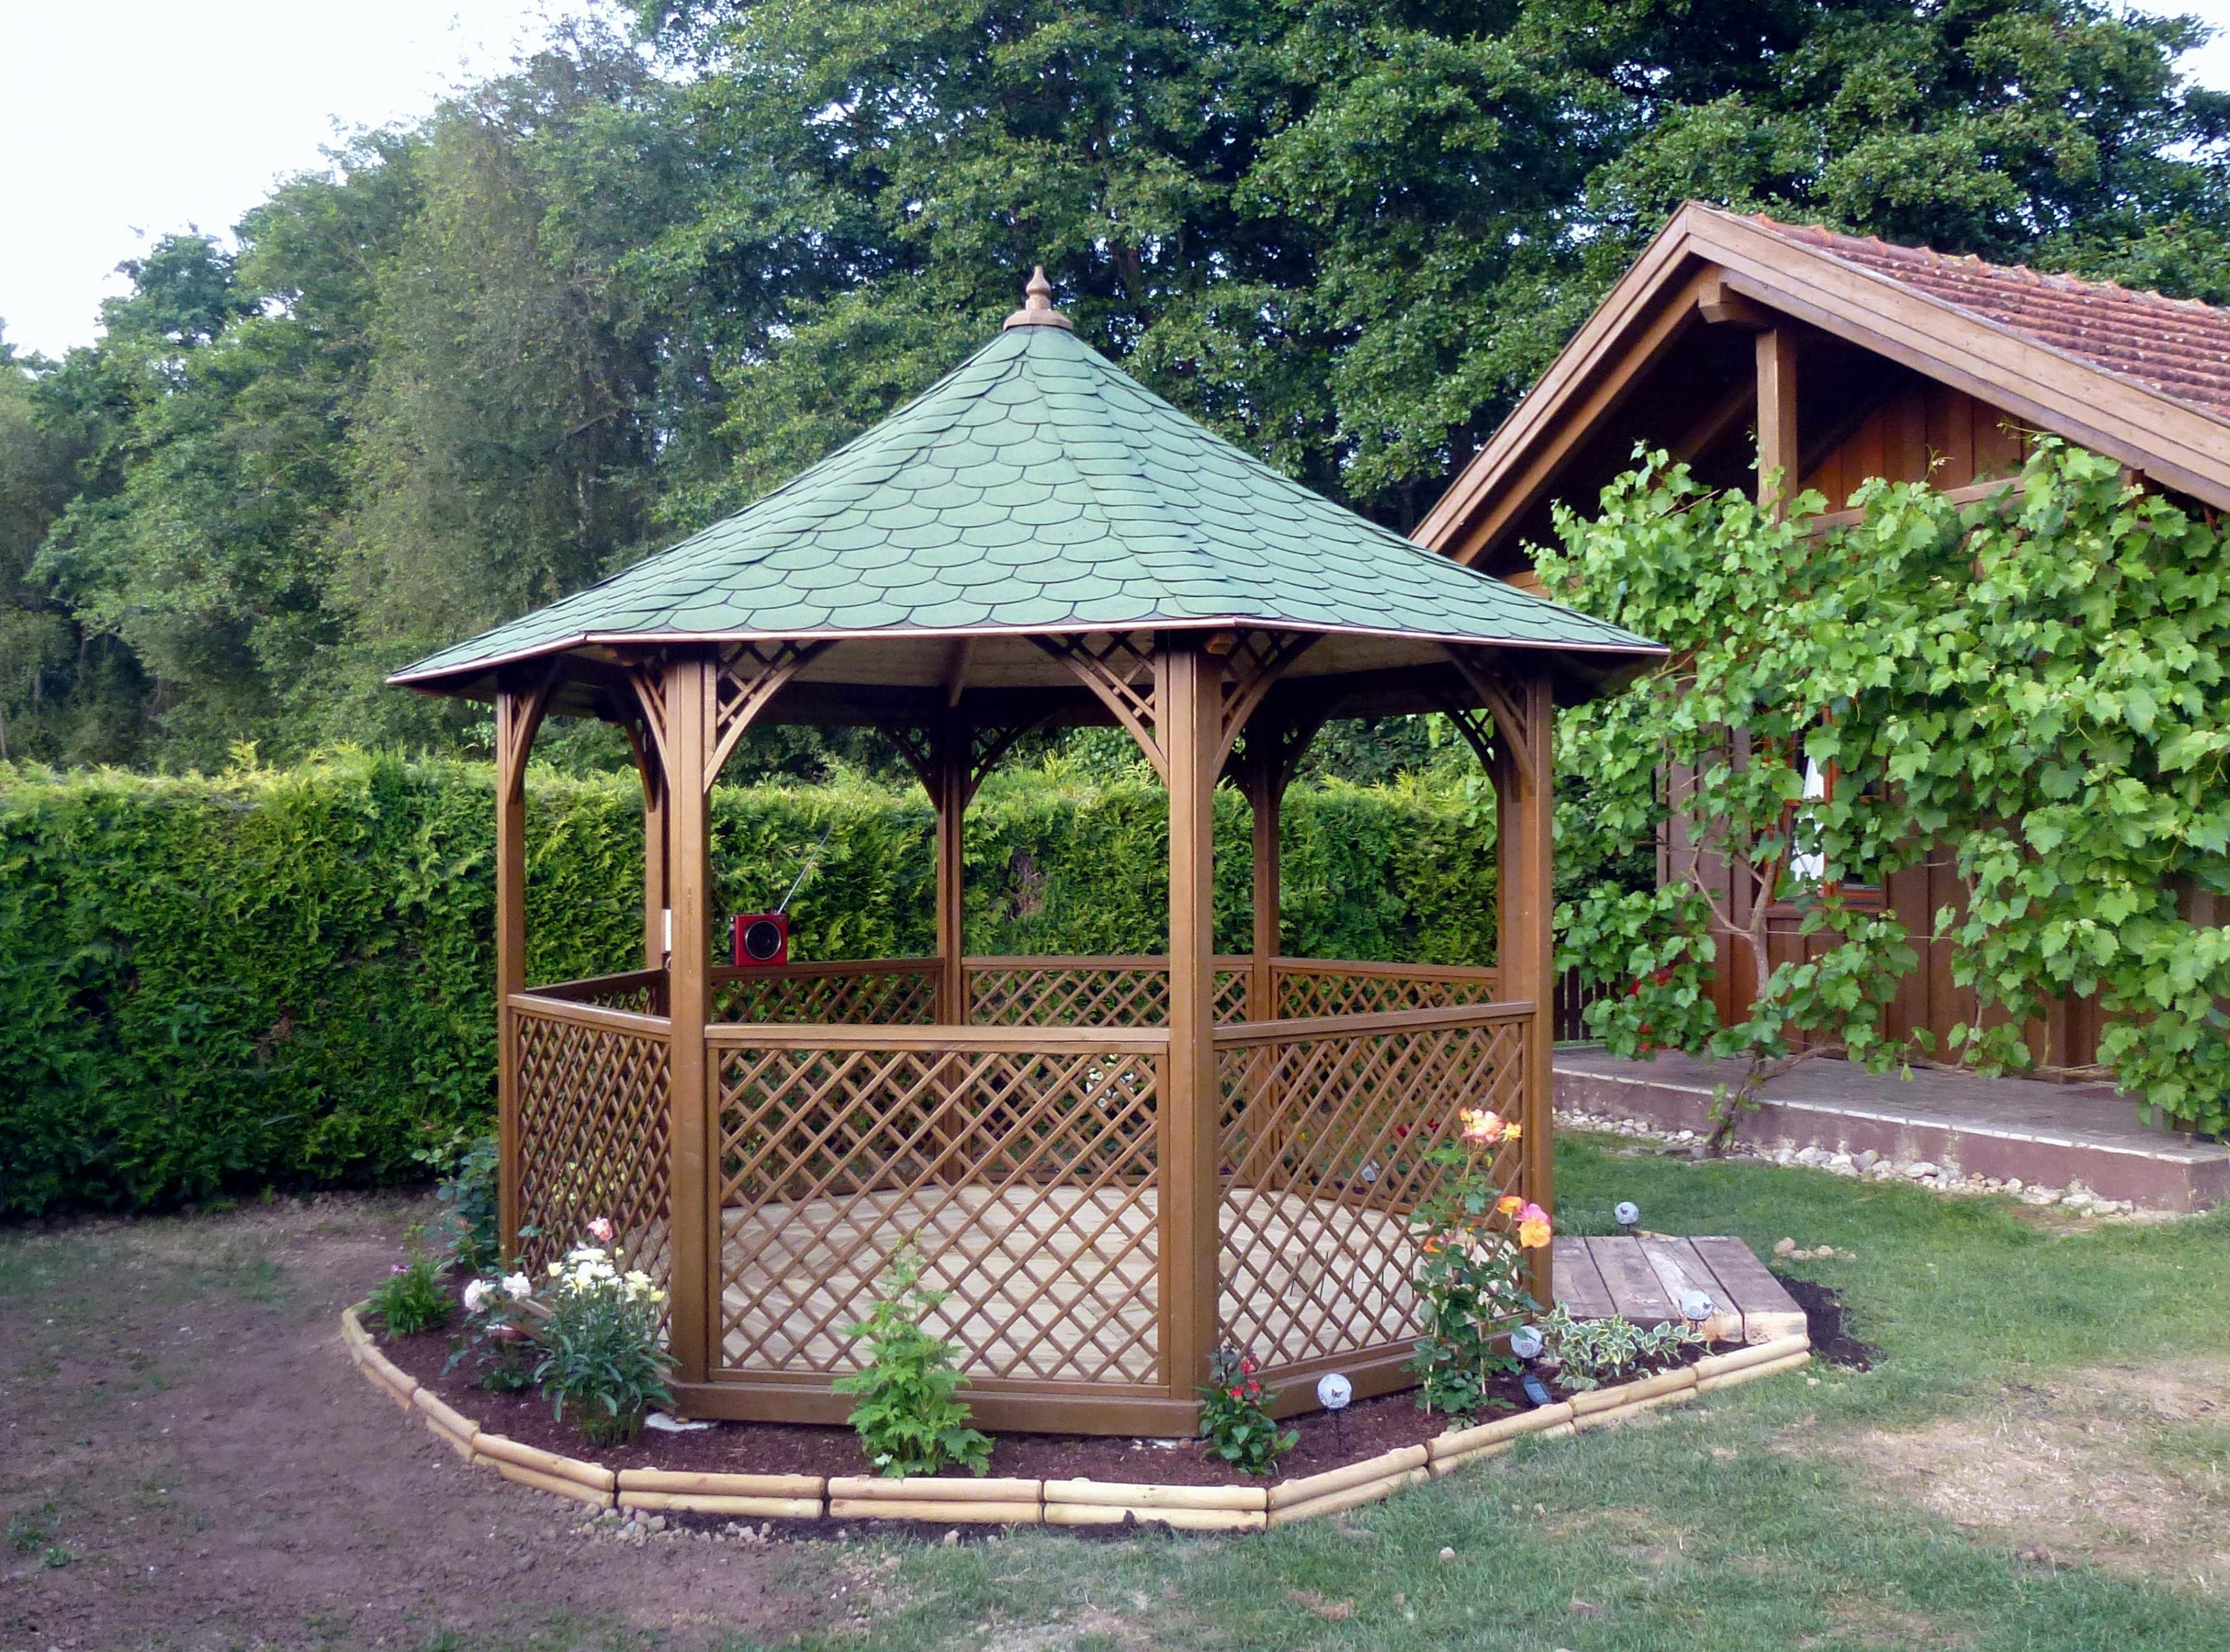 Kiosque De Jardin En Bois De Le Plus Grand Emejing Kiosque dedans Kiosque De Jardin